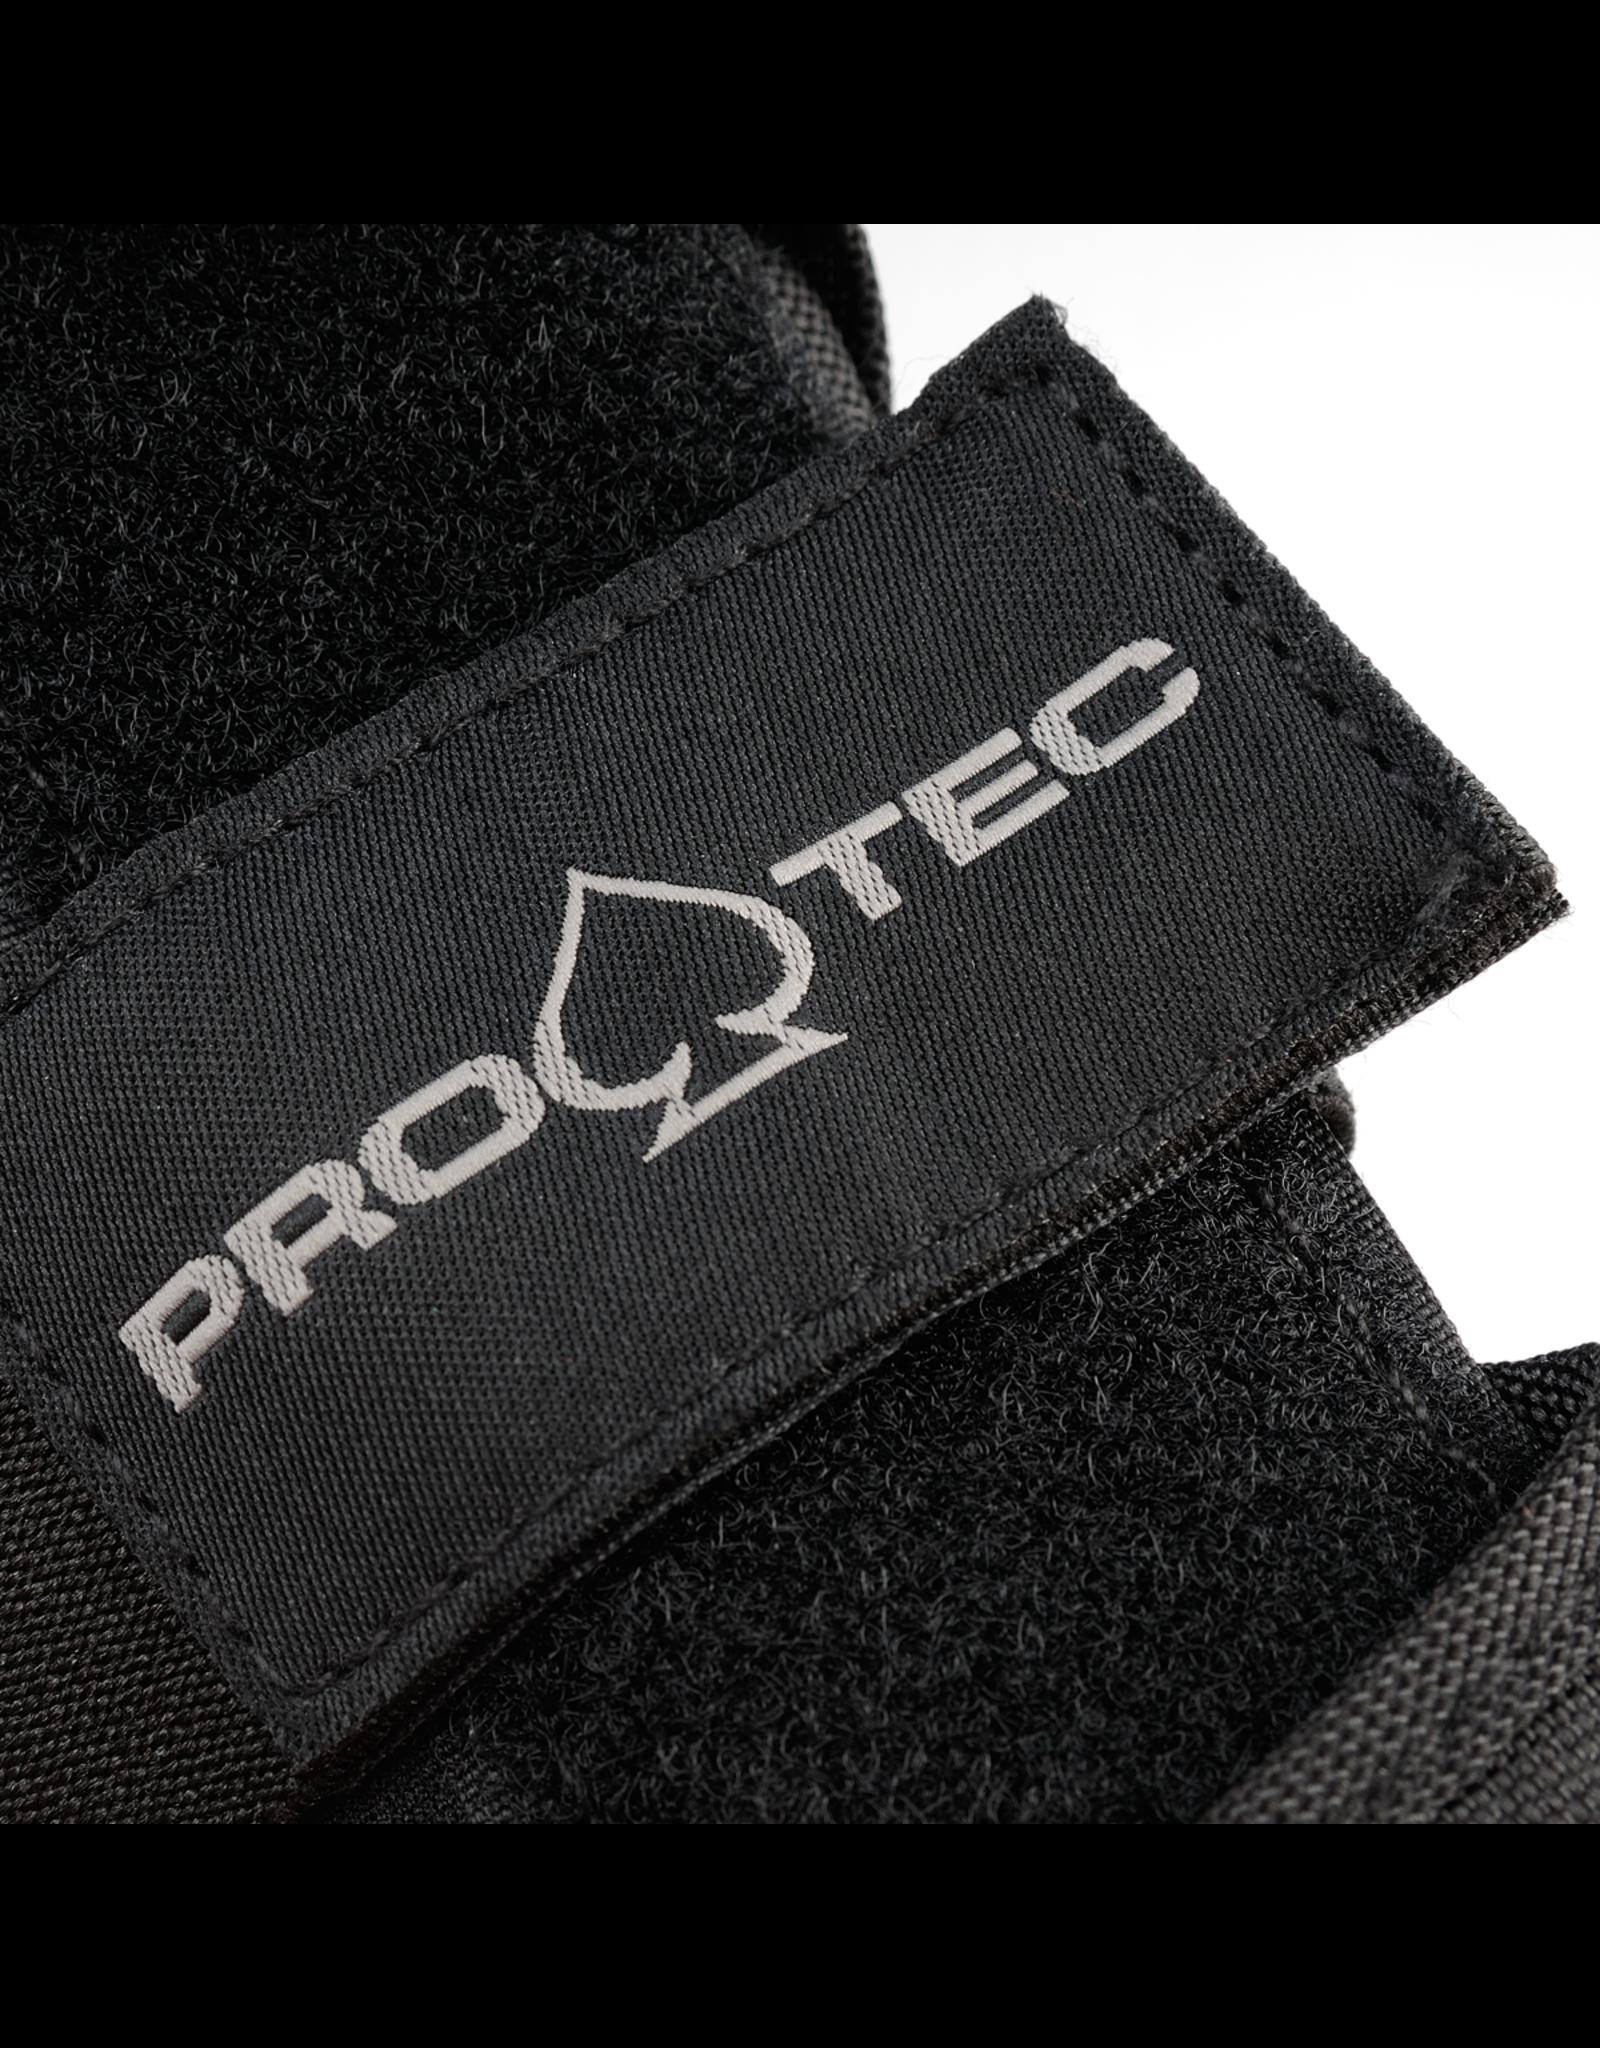 PRO-TEC PADS PRO-TEC - STREET WRIST GUARD - BLACK -